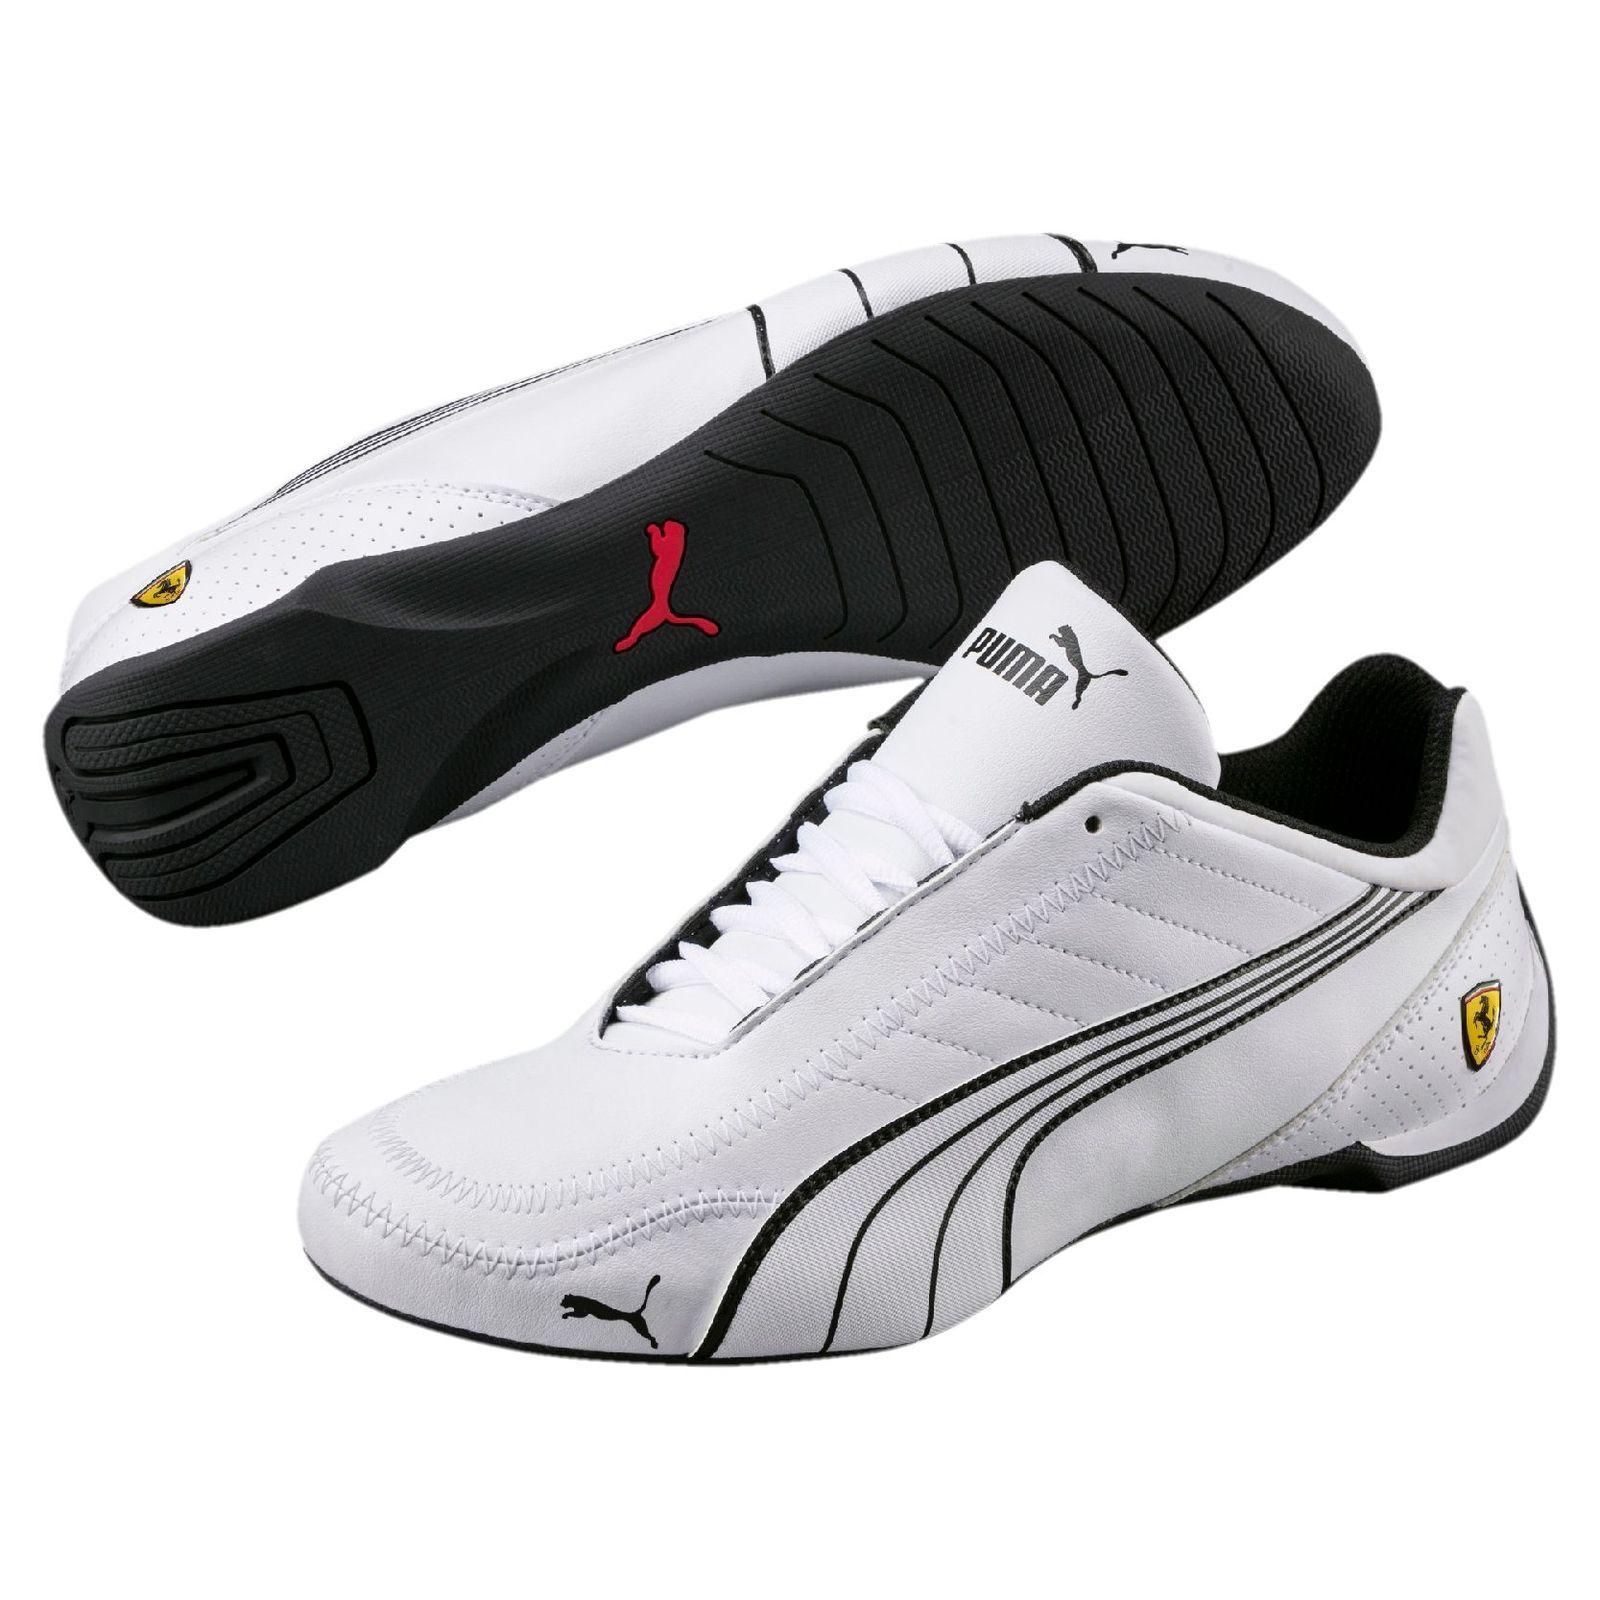 6d8c358d9f3970 Neu Herren Puma Ferrari Future Karting Auto Motorsport Schuhe Weiß Schwarz